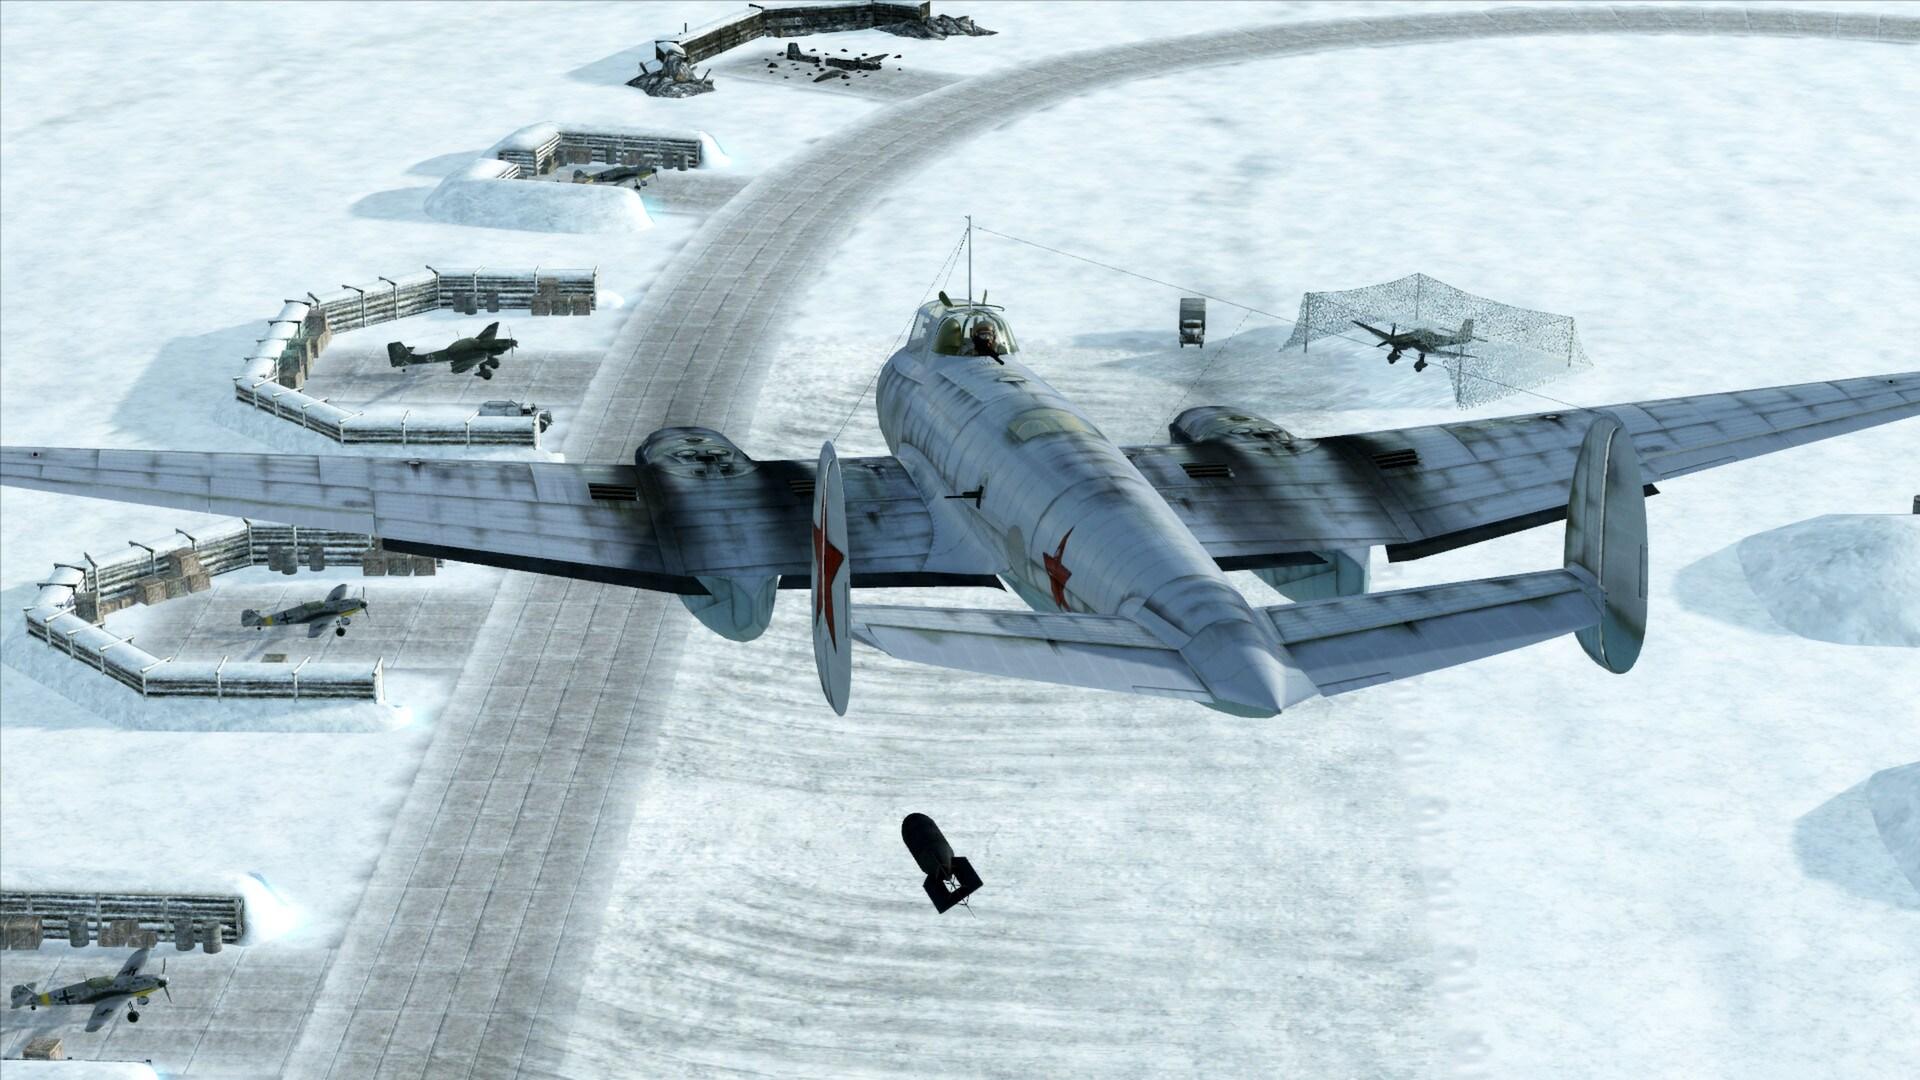 IL-2 Sturmovik: Battle of Stalingrad Steam Key GLOBAL - 2